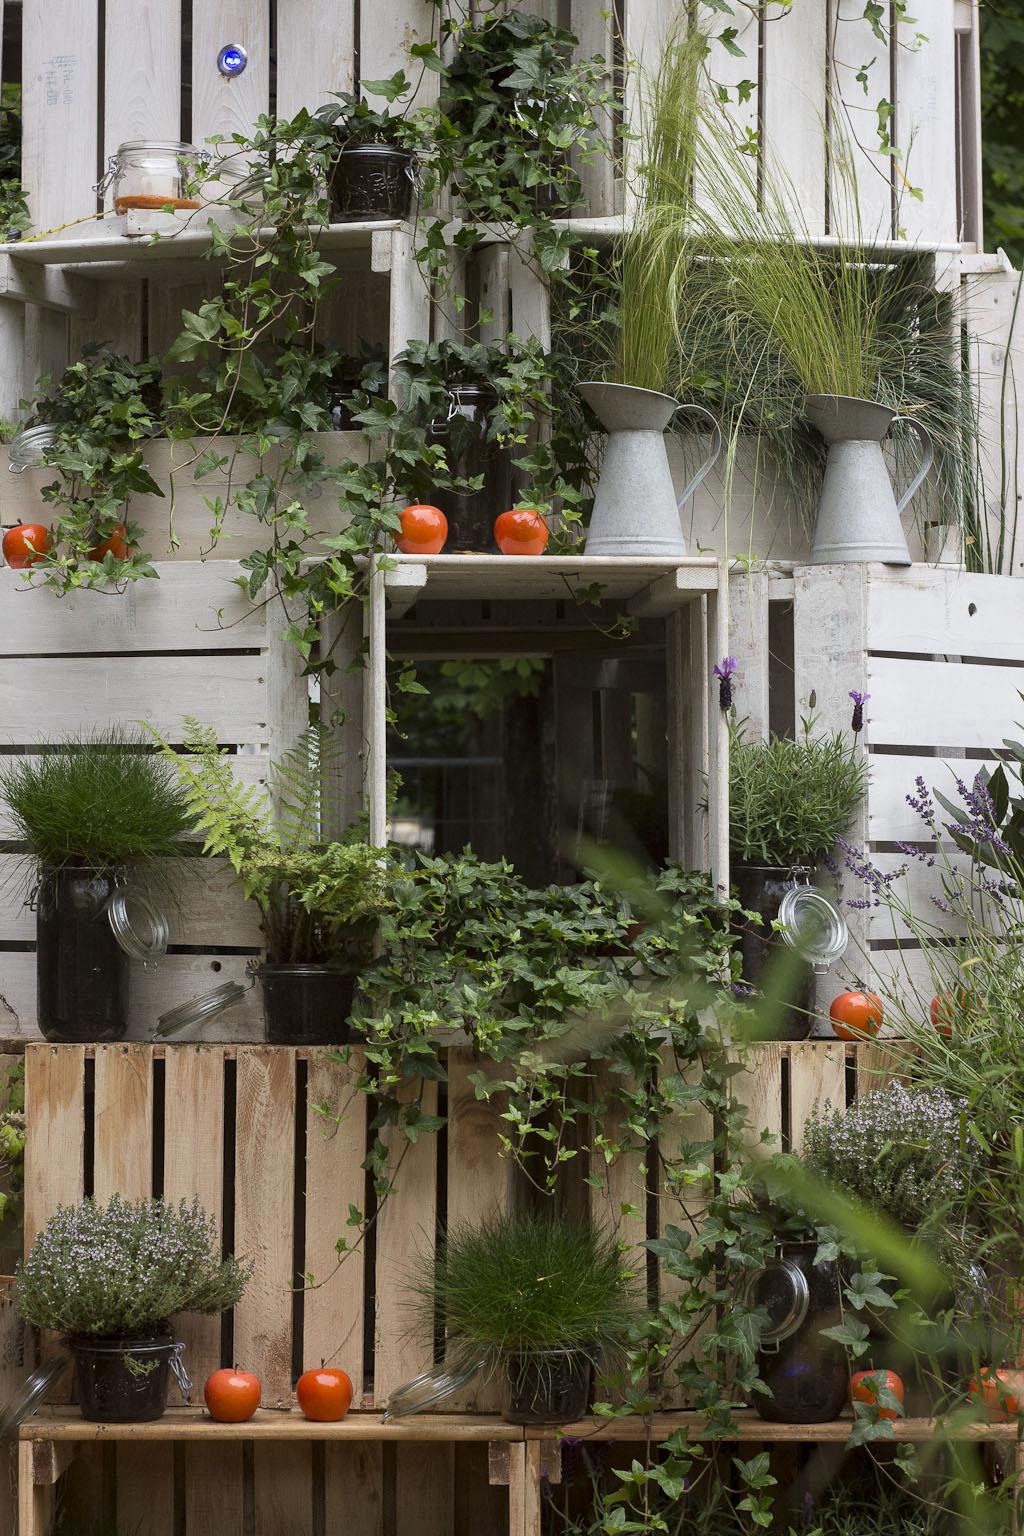 mousse vegetale jardiland cadre with mousse vegetale jardiland perfect jardiland fontaine. Black Bedroom Furniture Sets. Home Design Ideas